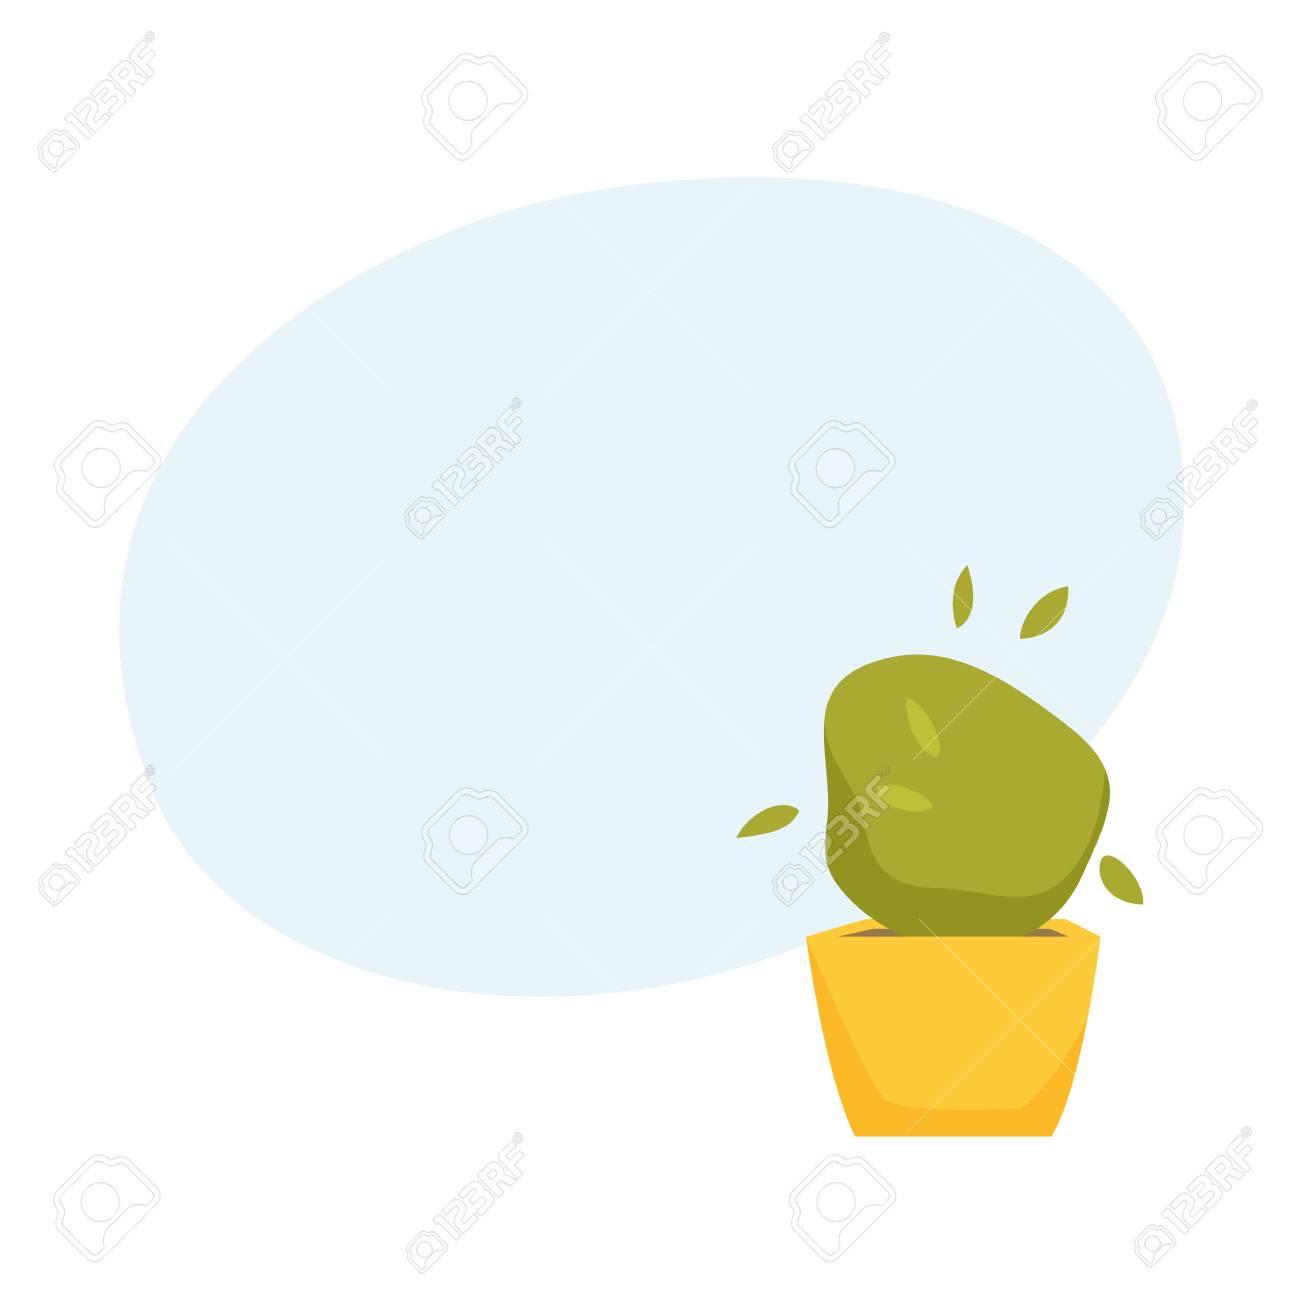 Soleyroliya En Pot Intérieur Maison Bureau Plante D Intérieur Vecteur Dessin Animé Illistration Croissance Des Fleurs Et Jardinage